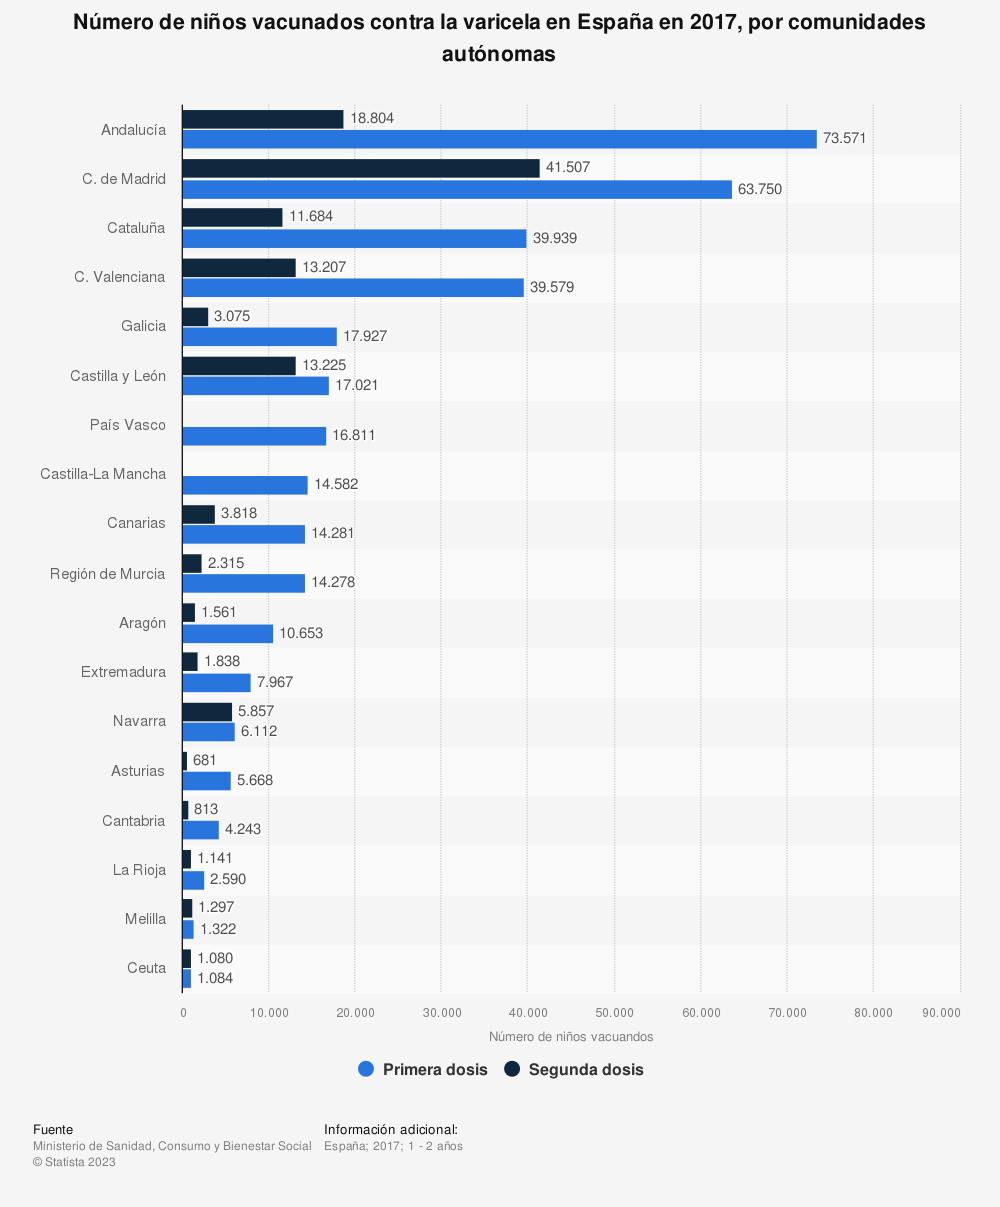 Estadística: Número de niños vacunados contra la varicela en España en 2017, por comunidades autónomas | Statista